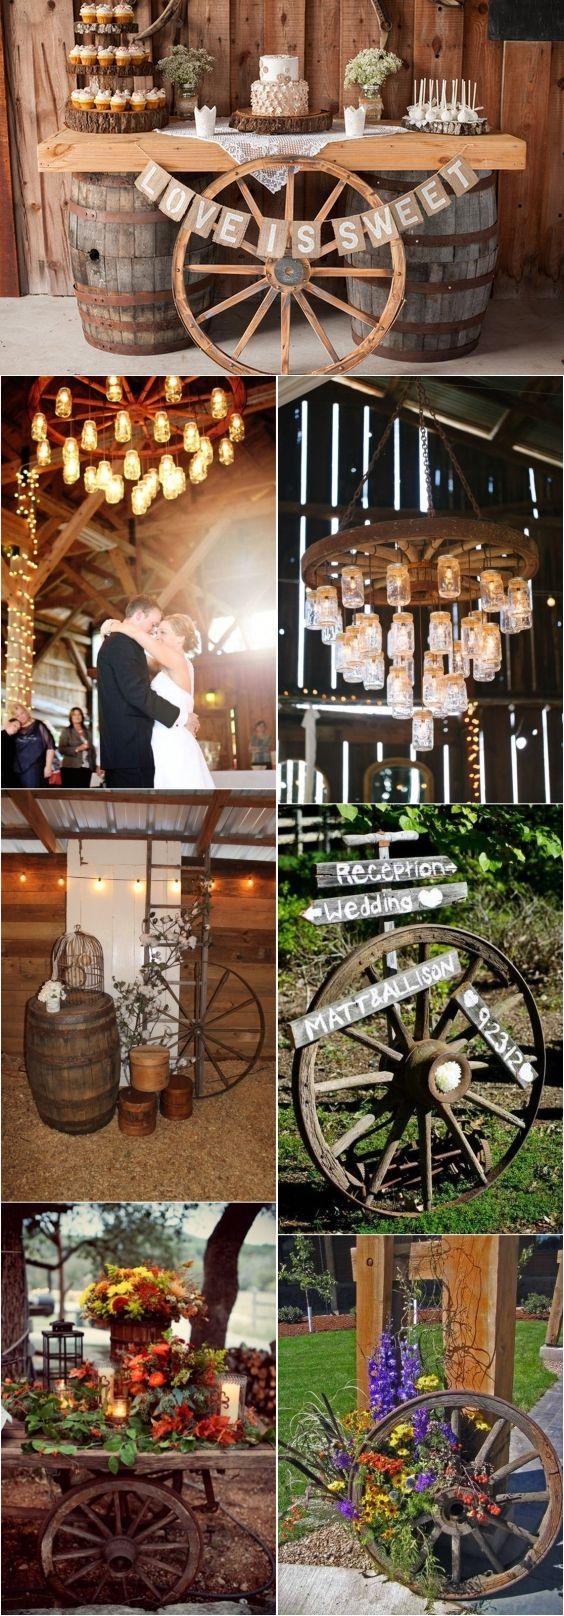 Rustic Country Wagon Wheel Wedding Ideas: